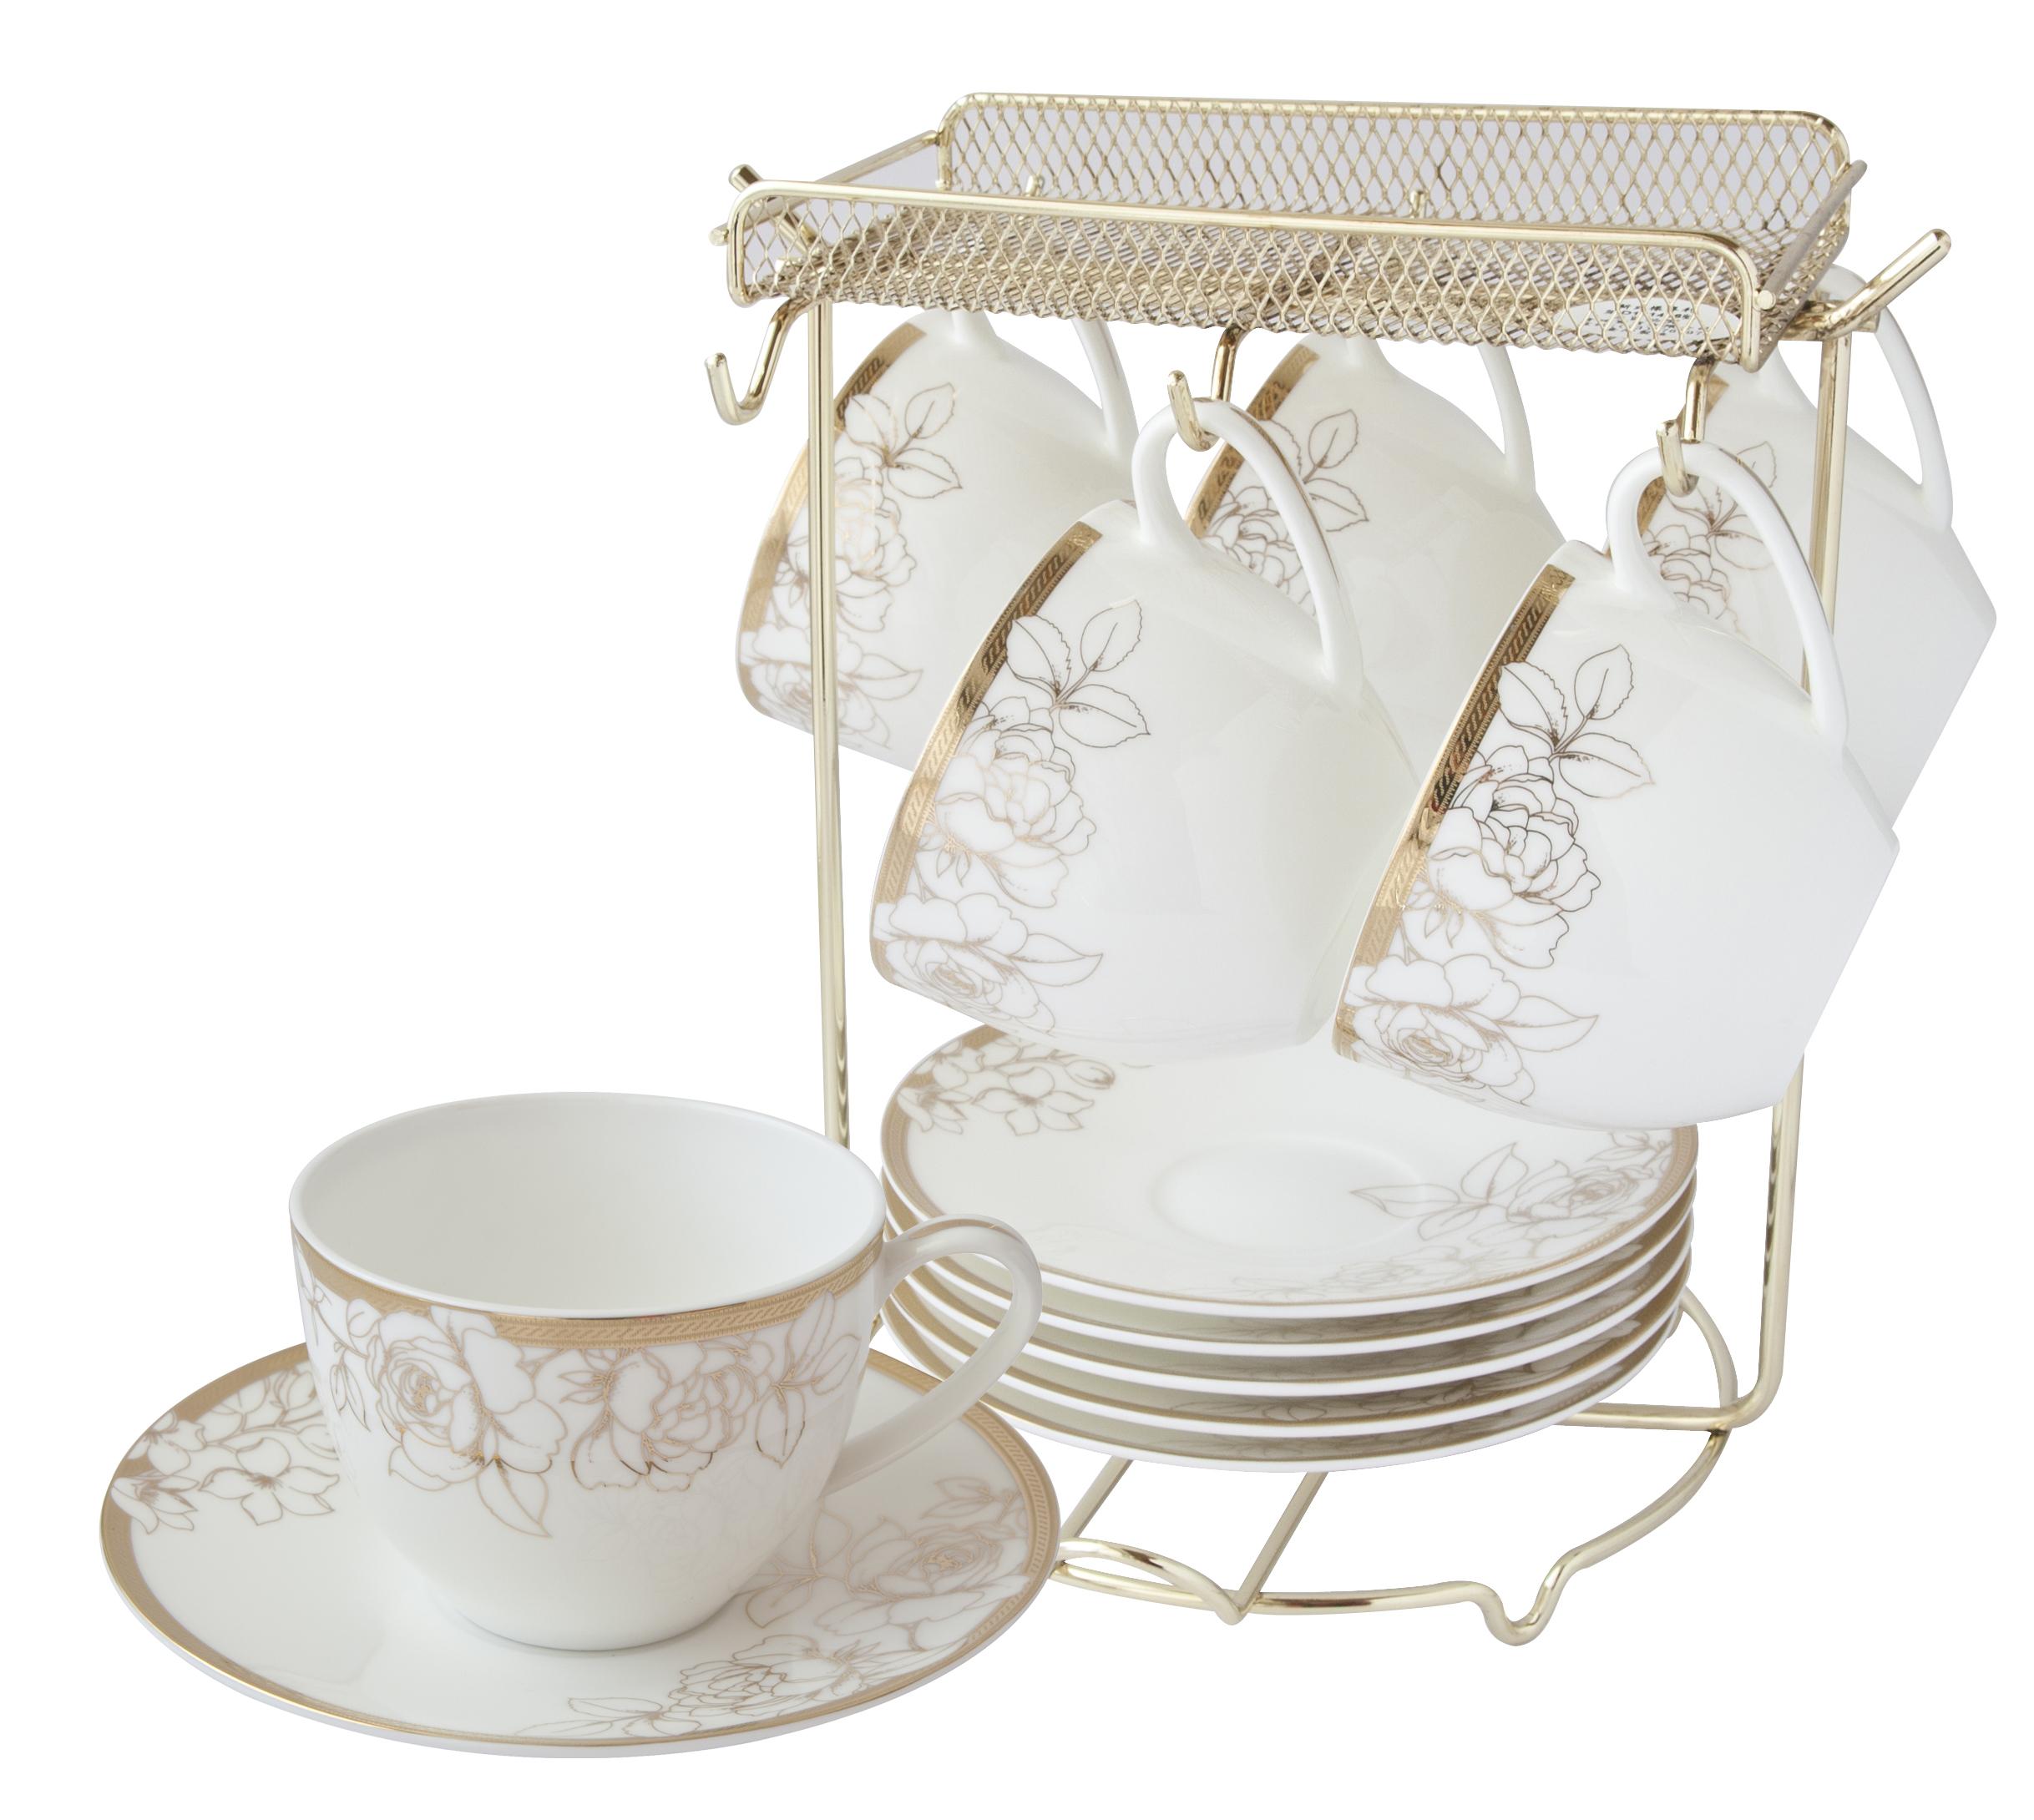 燦金玫瑰骨瓷6入咖啡杯盤組